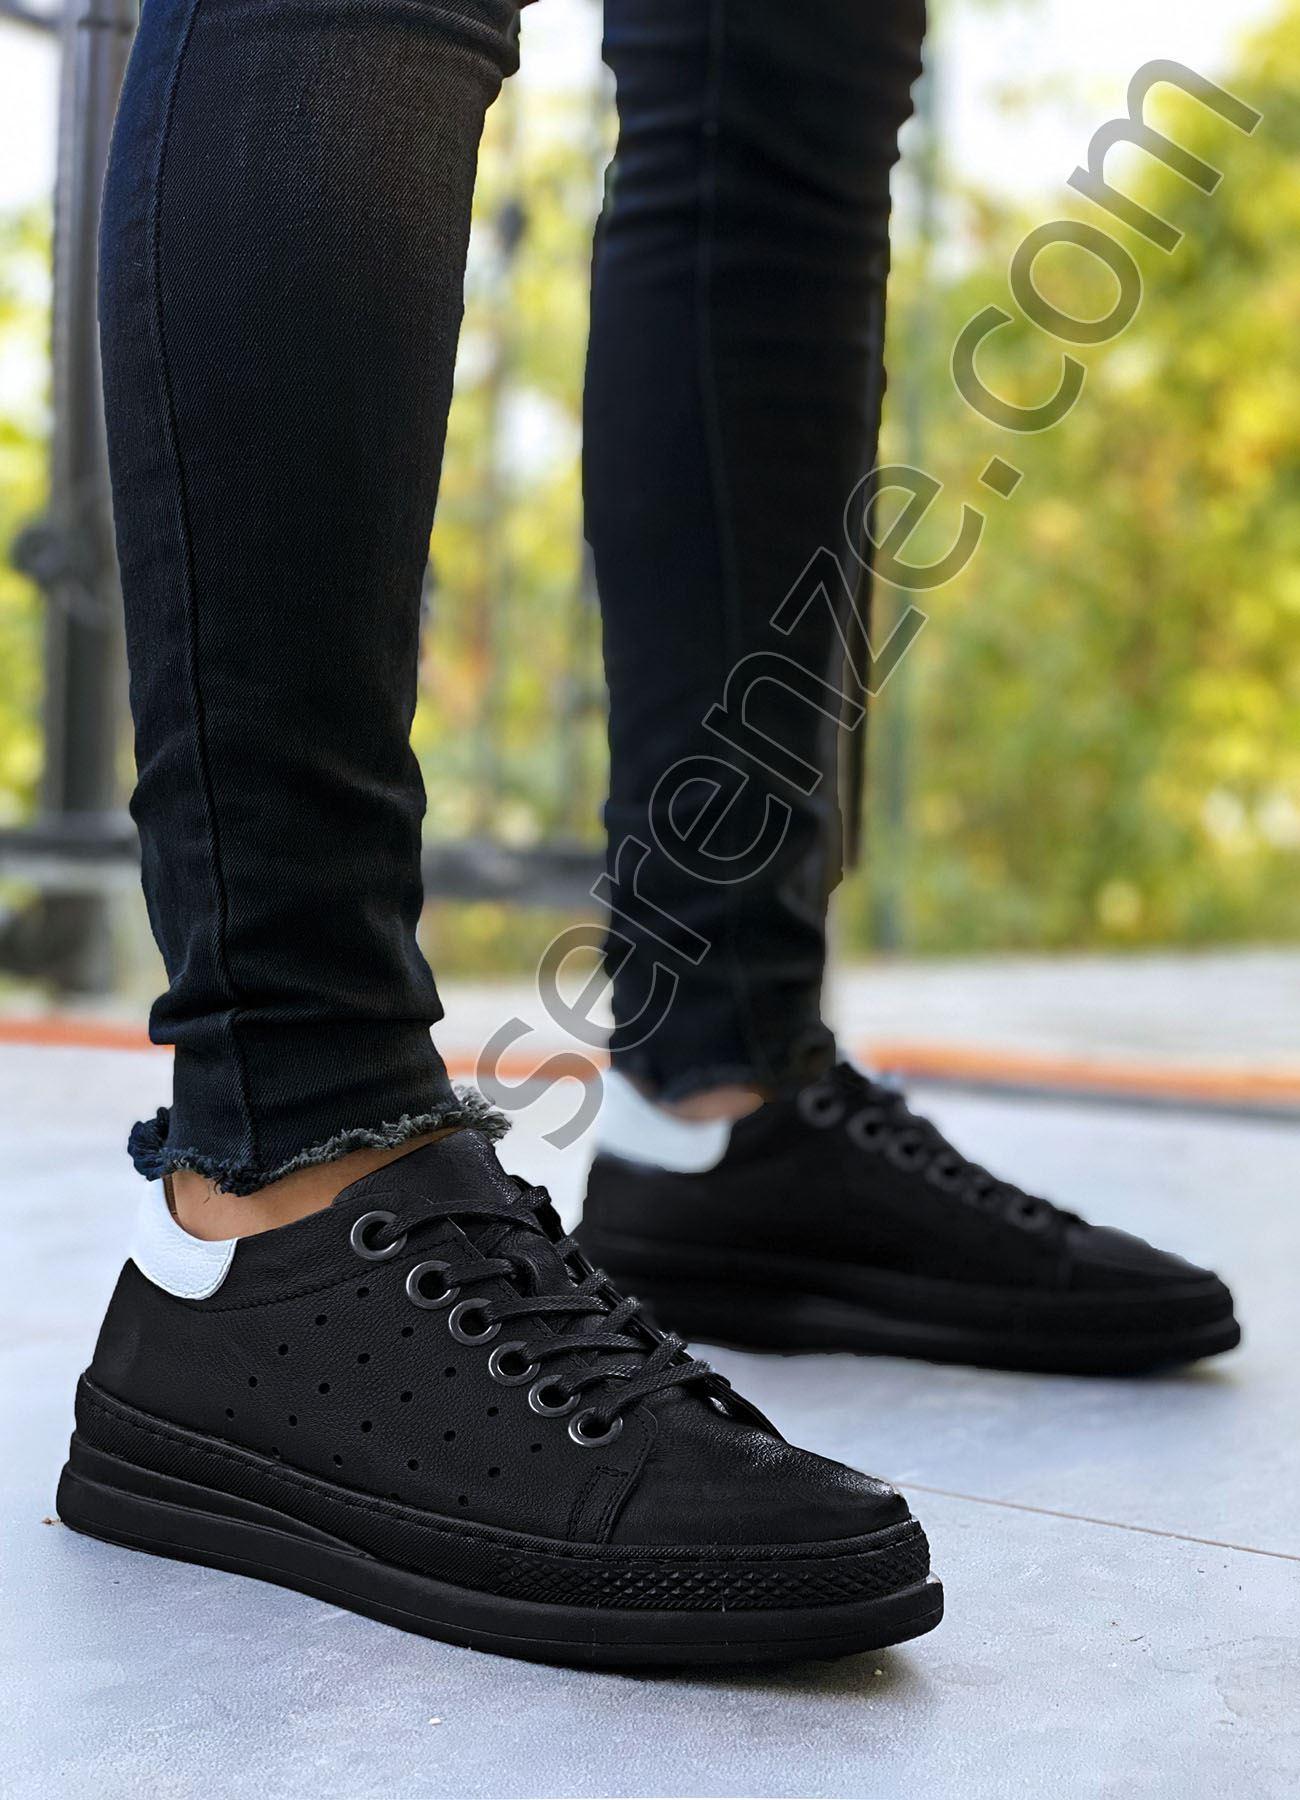 Siyah Hakiki Deri Tasarım Erkek Spor Ayakkabı